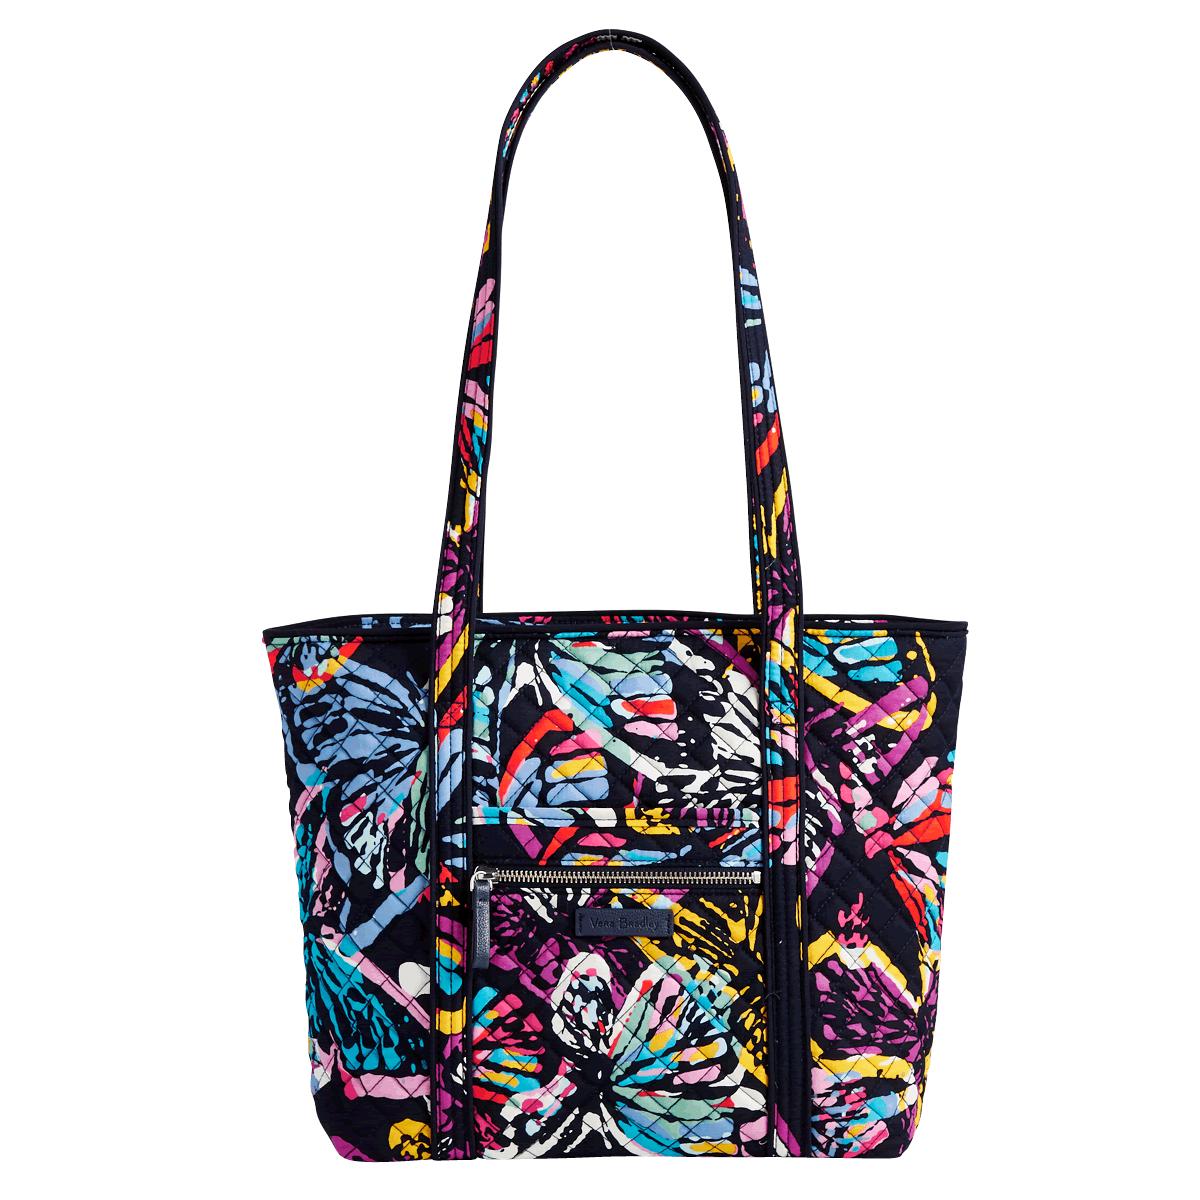 5facfadc68a2 Handbag Vera Bradley Handbags - Macy s